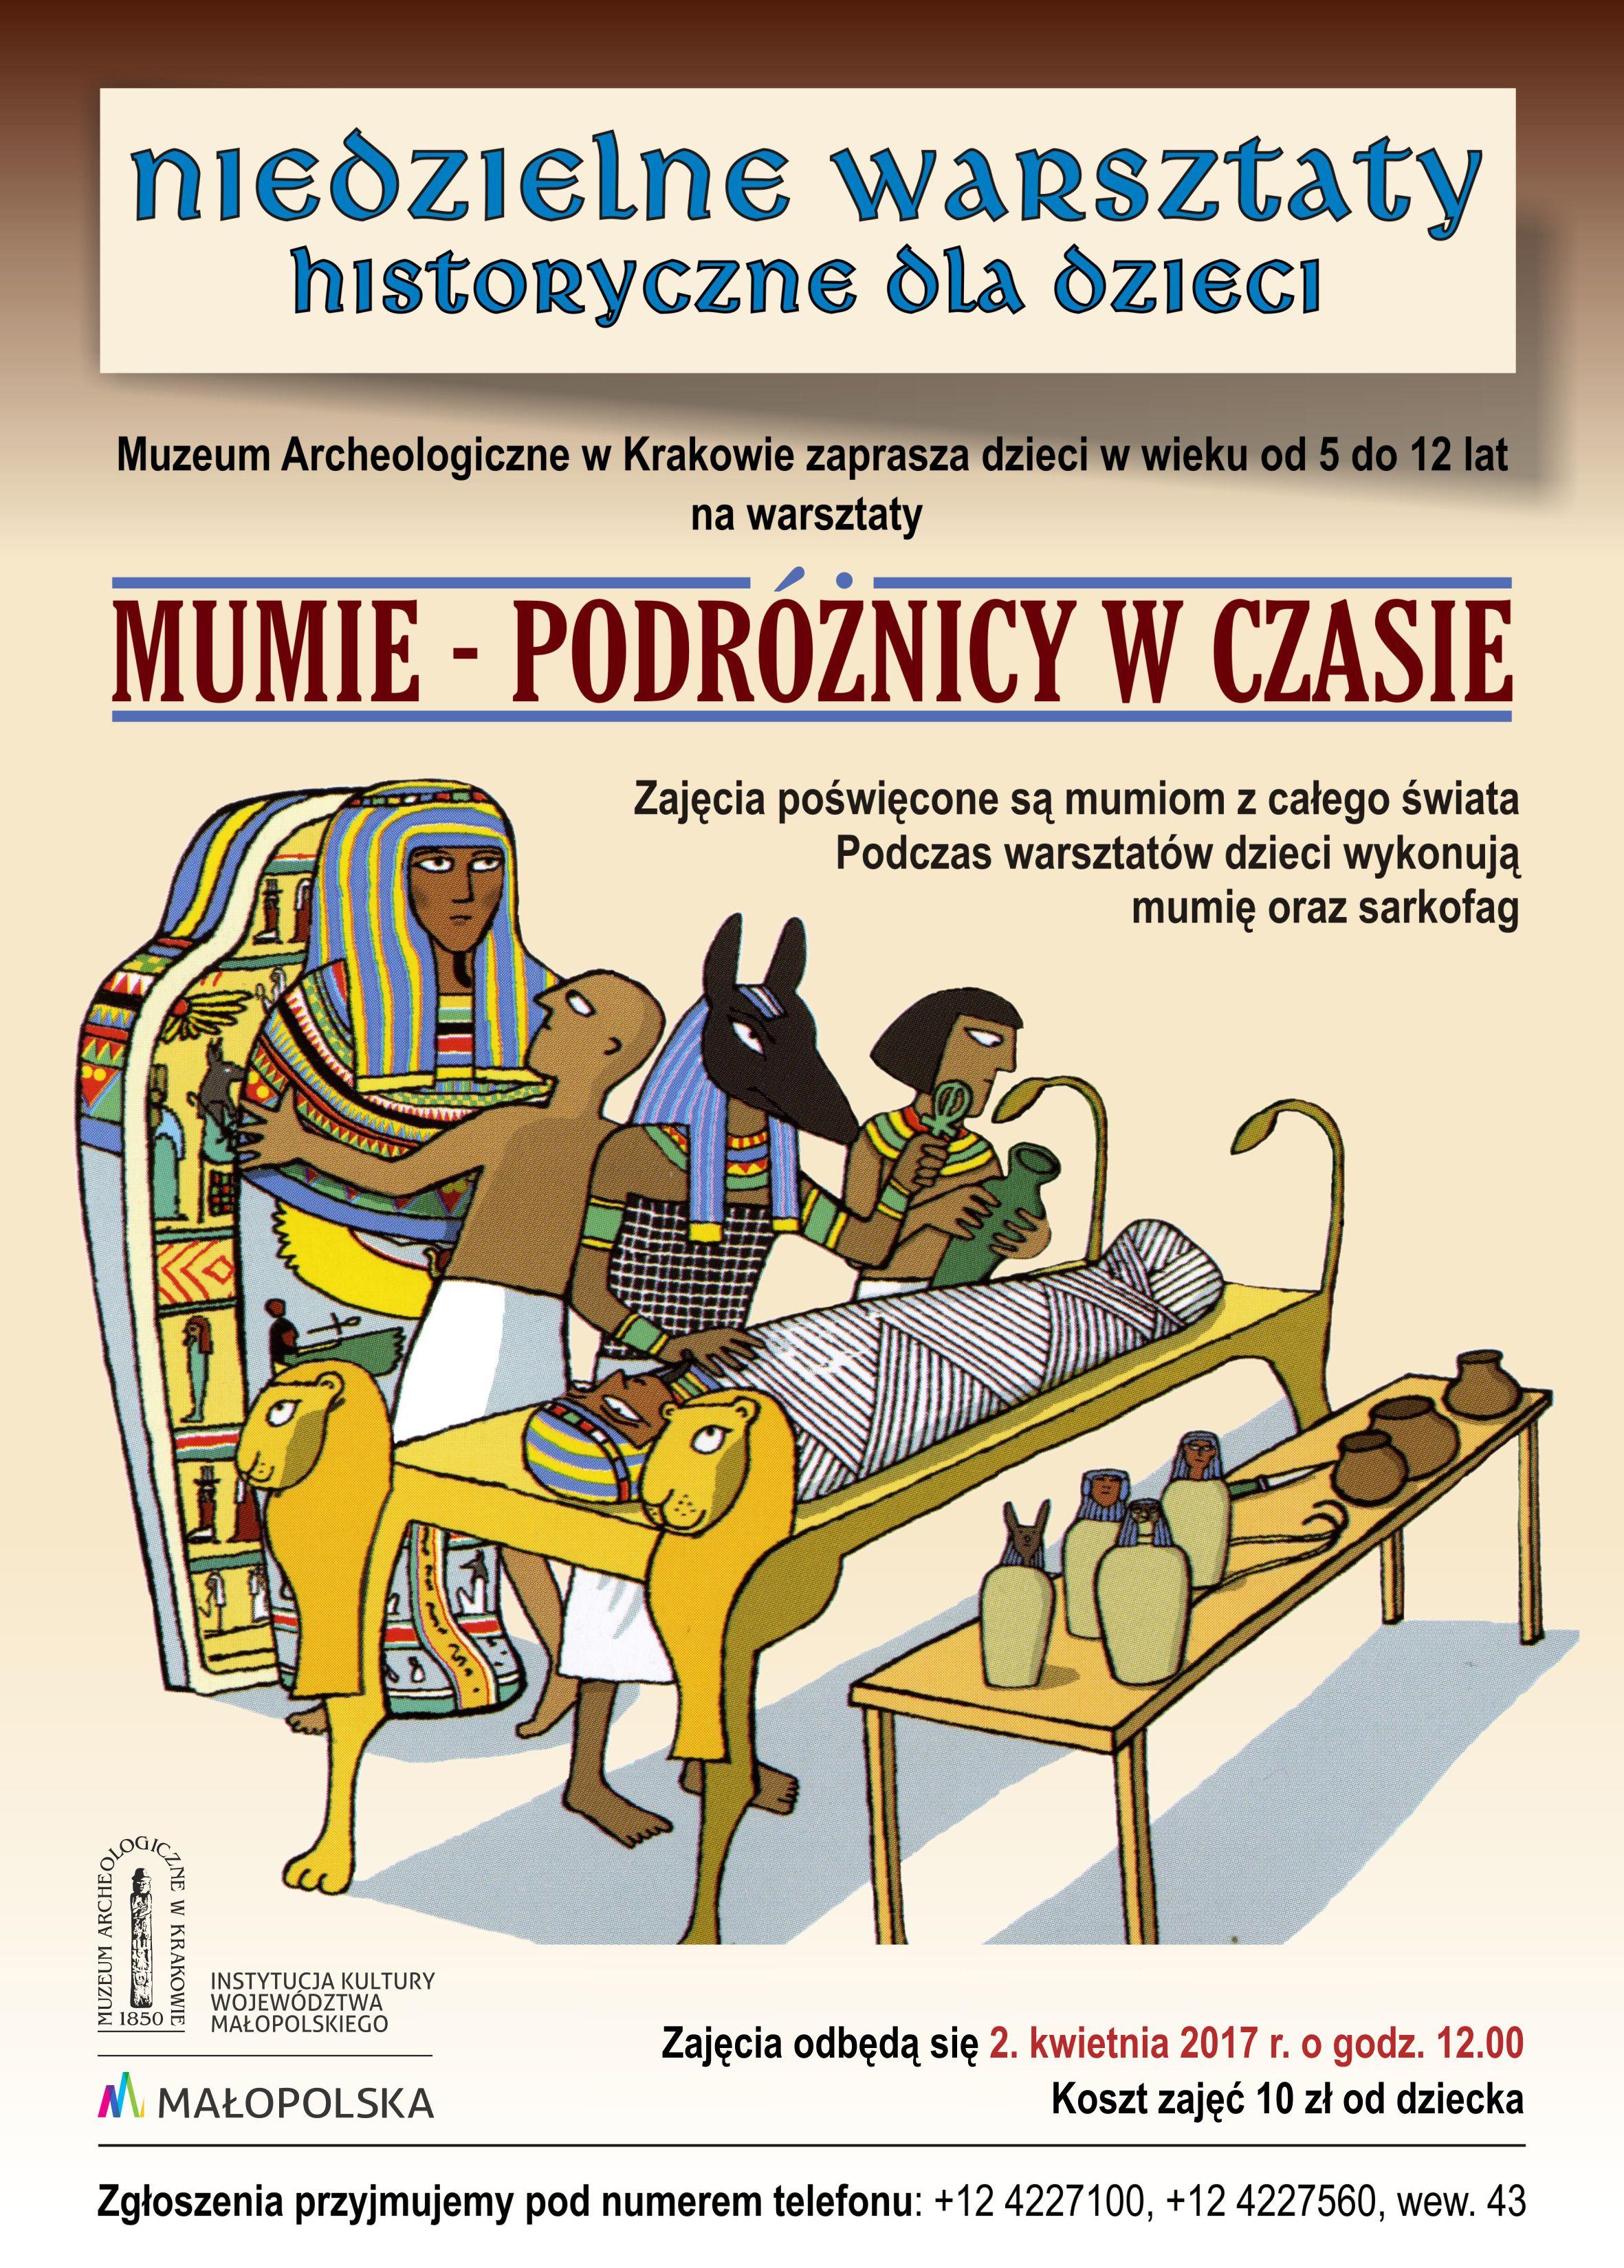 Mumie – podróżnicy w czasie. Niedzielne warsztaty historyczne